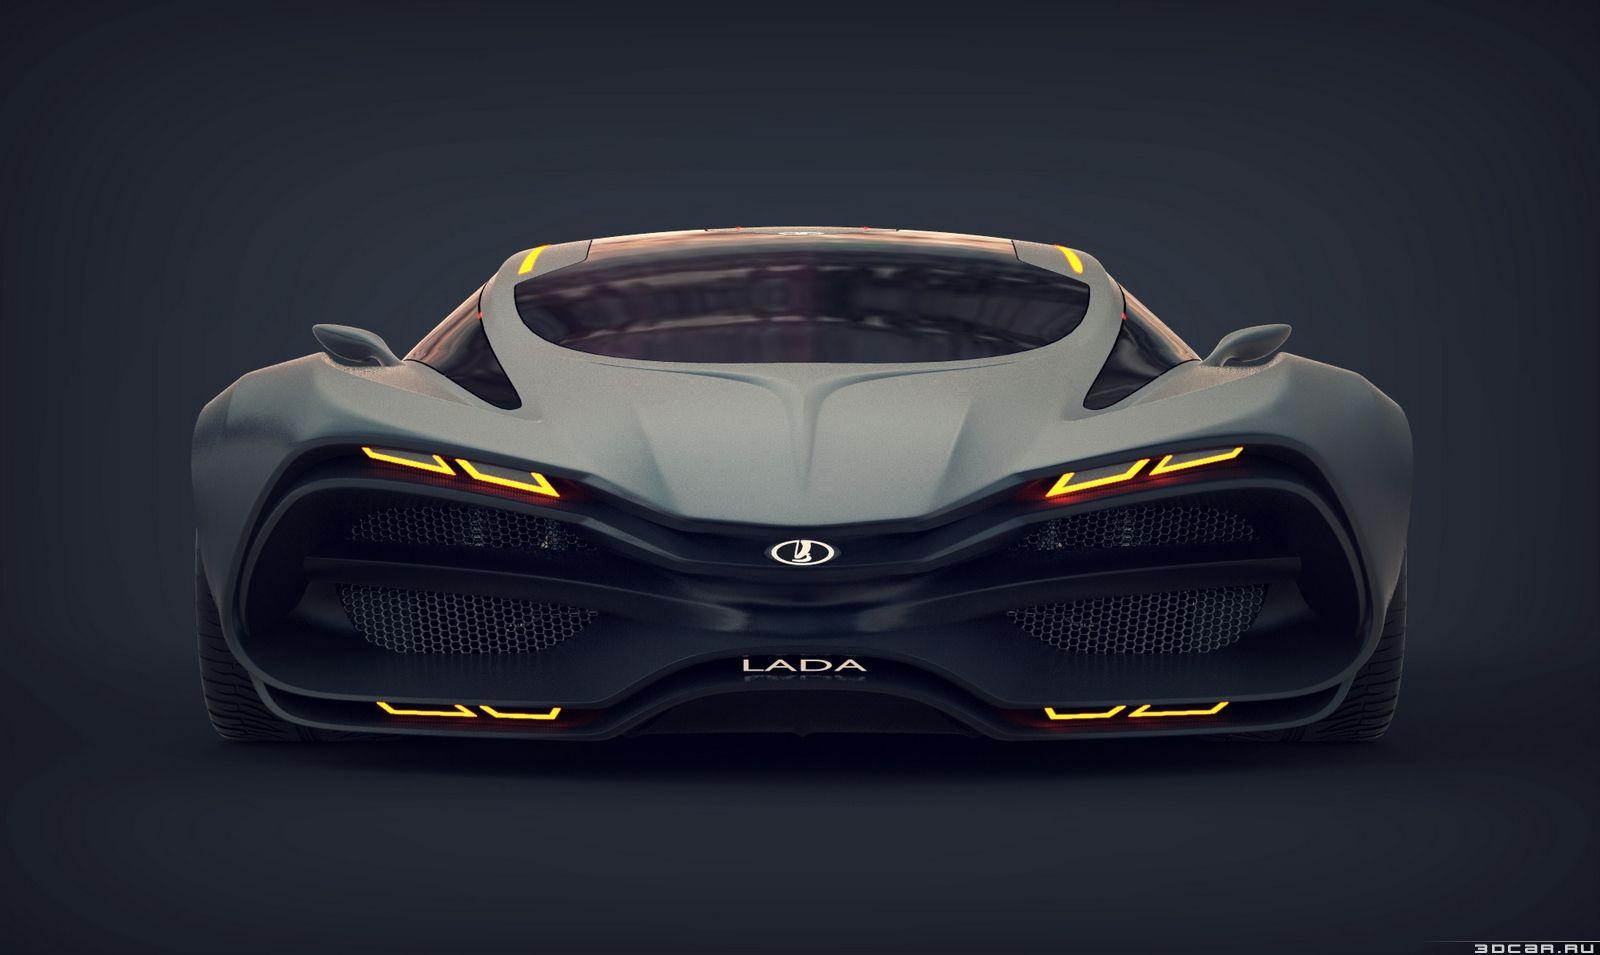 Voir cette image sur : Le concept de supercar de Lada Raven a un design inhabituel avec des grilles énormes à l'avant, de grands évents à l'arrière, et des passages de roue massifs.